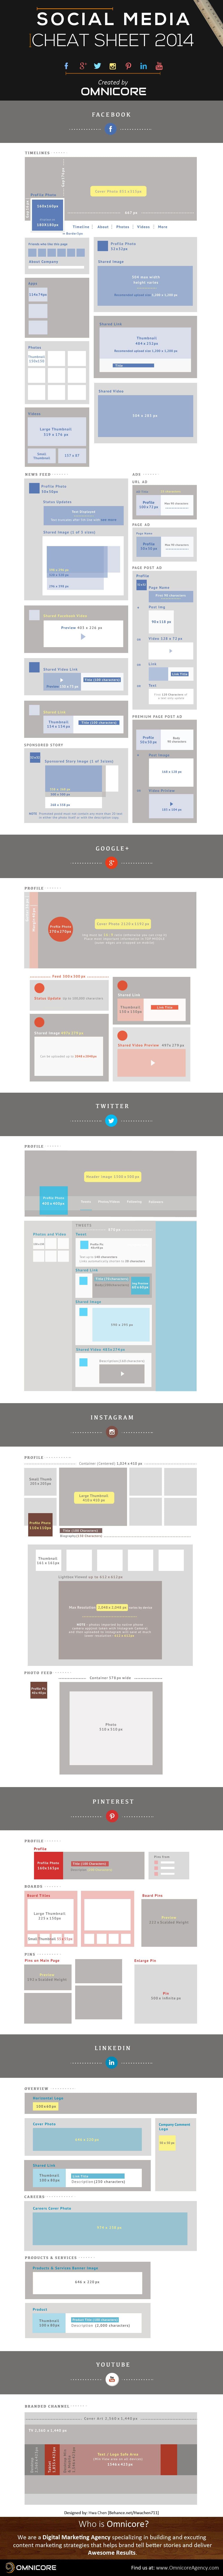 Social media-afmetingen op een rij - een update [infographic]